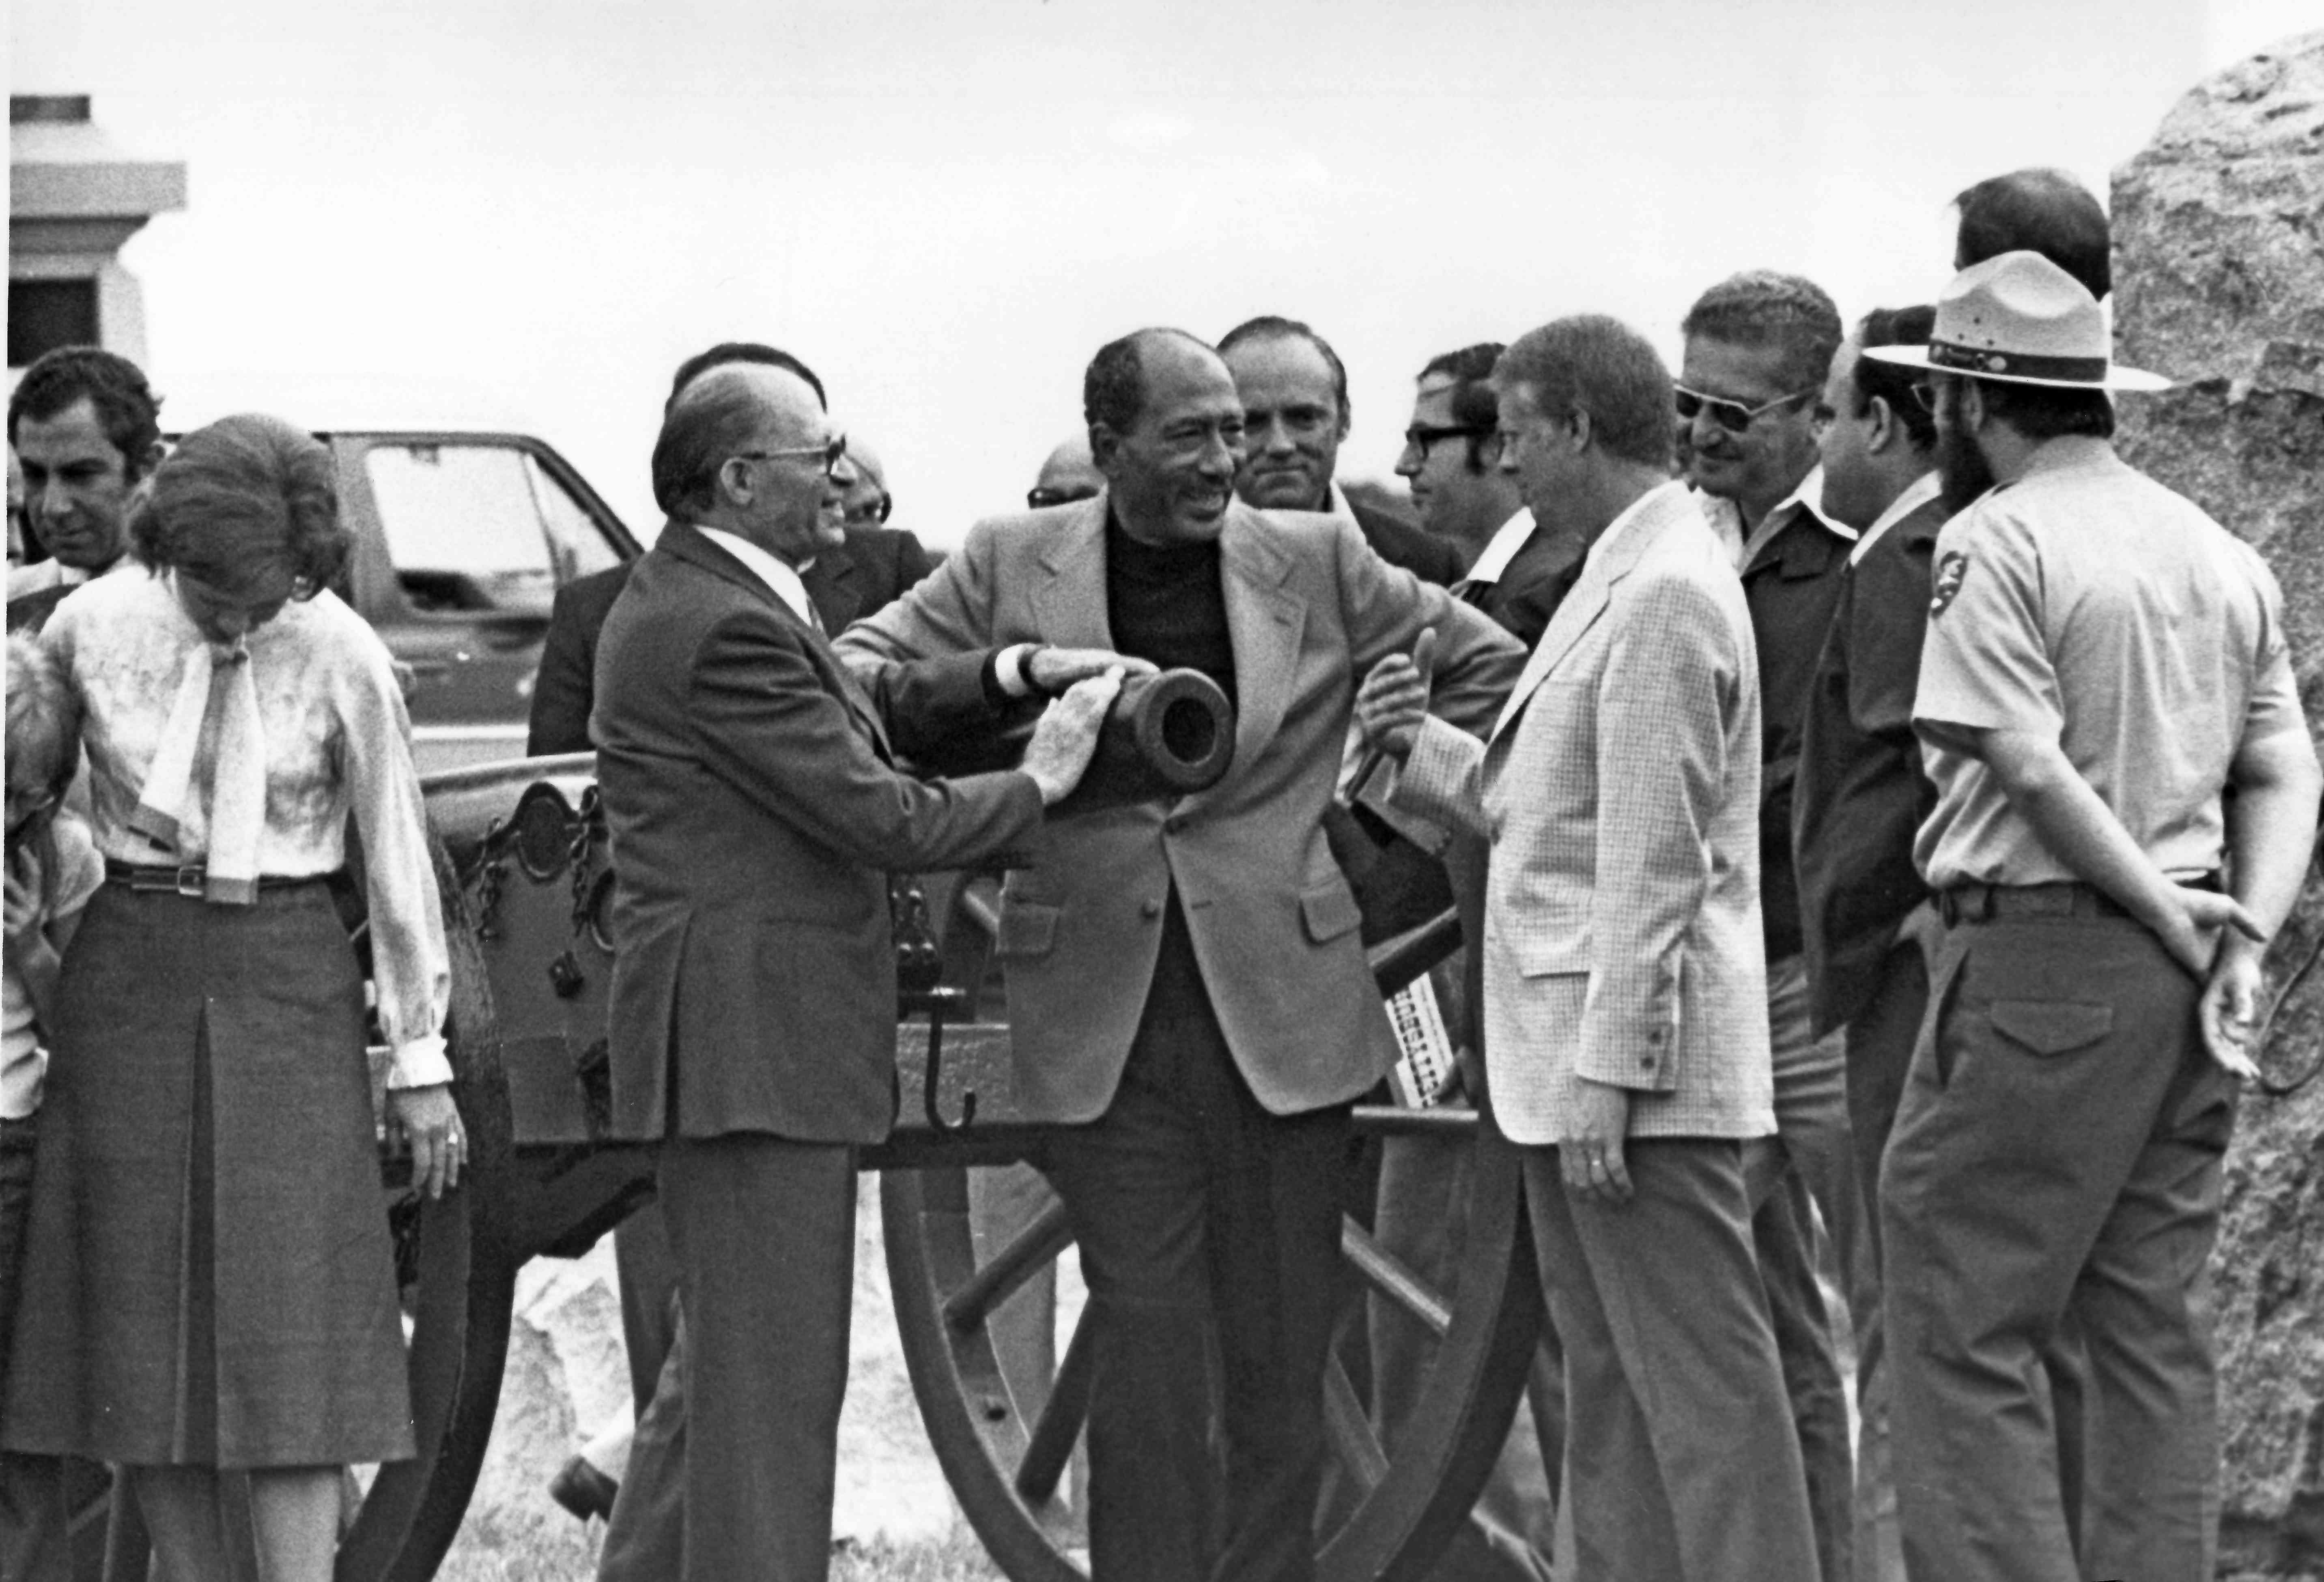 Begin, Sadat, and Carter at Gettysburg